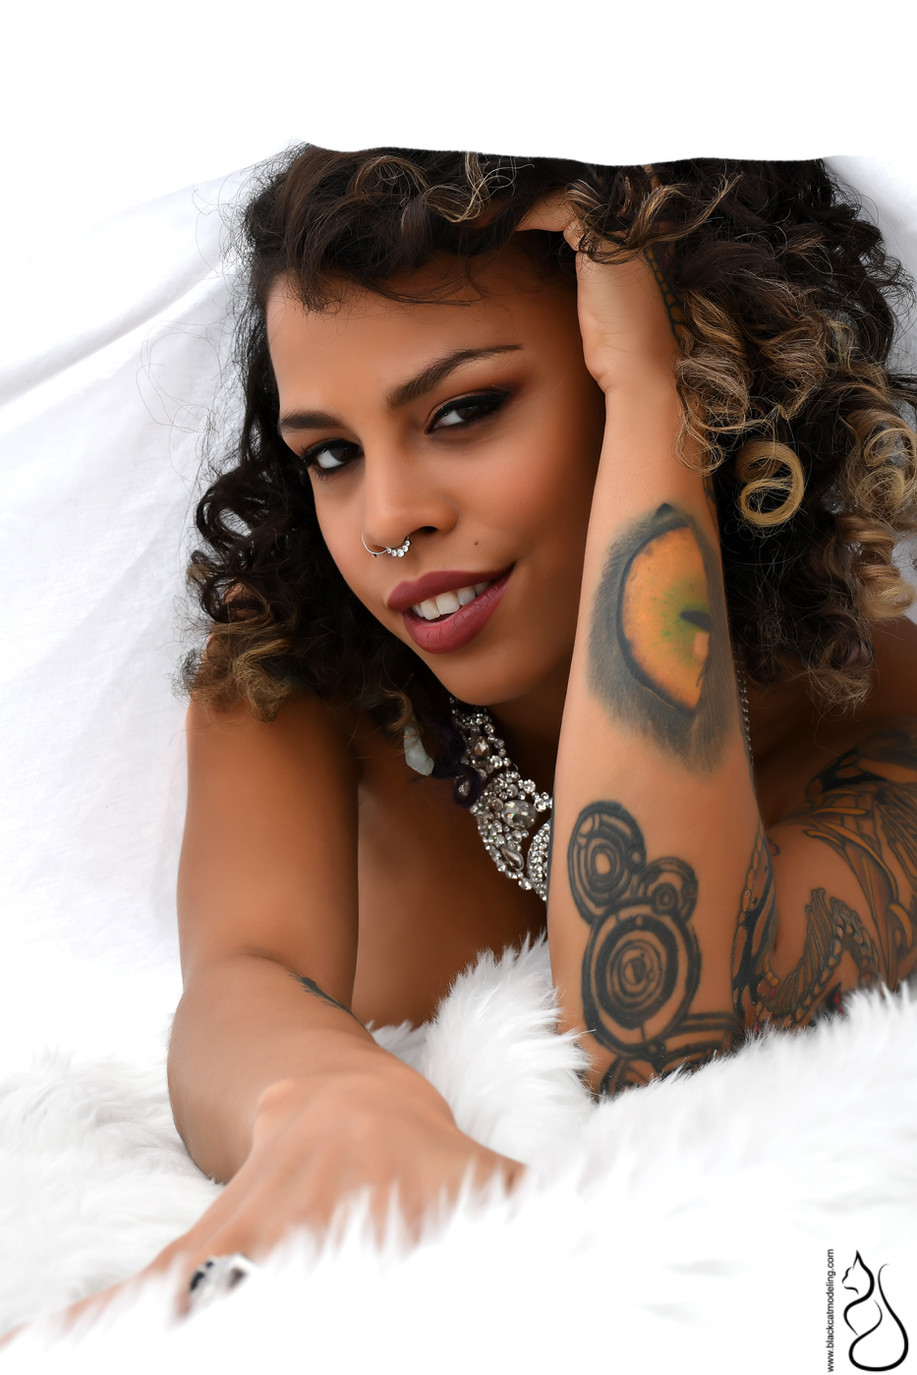 Photographer: Black Cat Modeling | MUAH: Melissa Abuil | Model: Ruby Noir